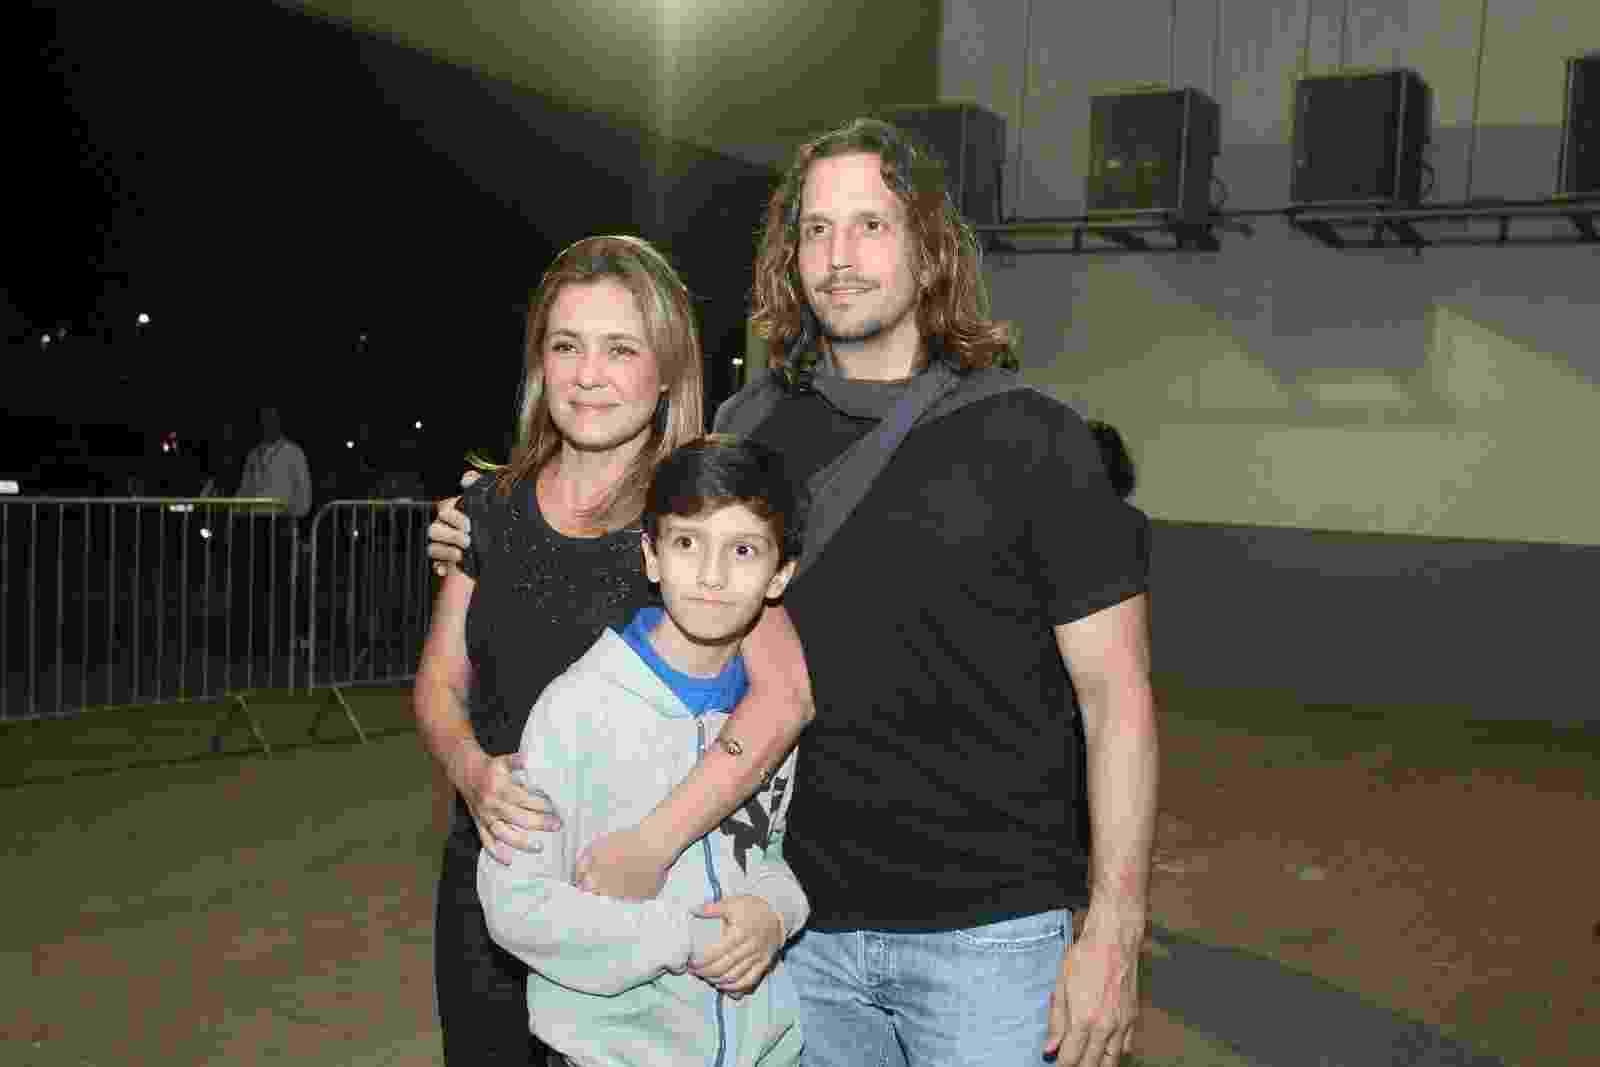 Adriana Esteves e Vladimir Brichta levam o filho Vicente ao show de Ed Sheeran no Rio de Janeiro - Marcello Sá Barretto/AgNews